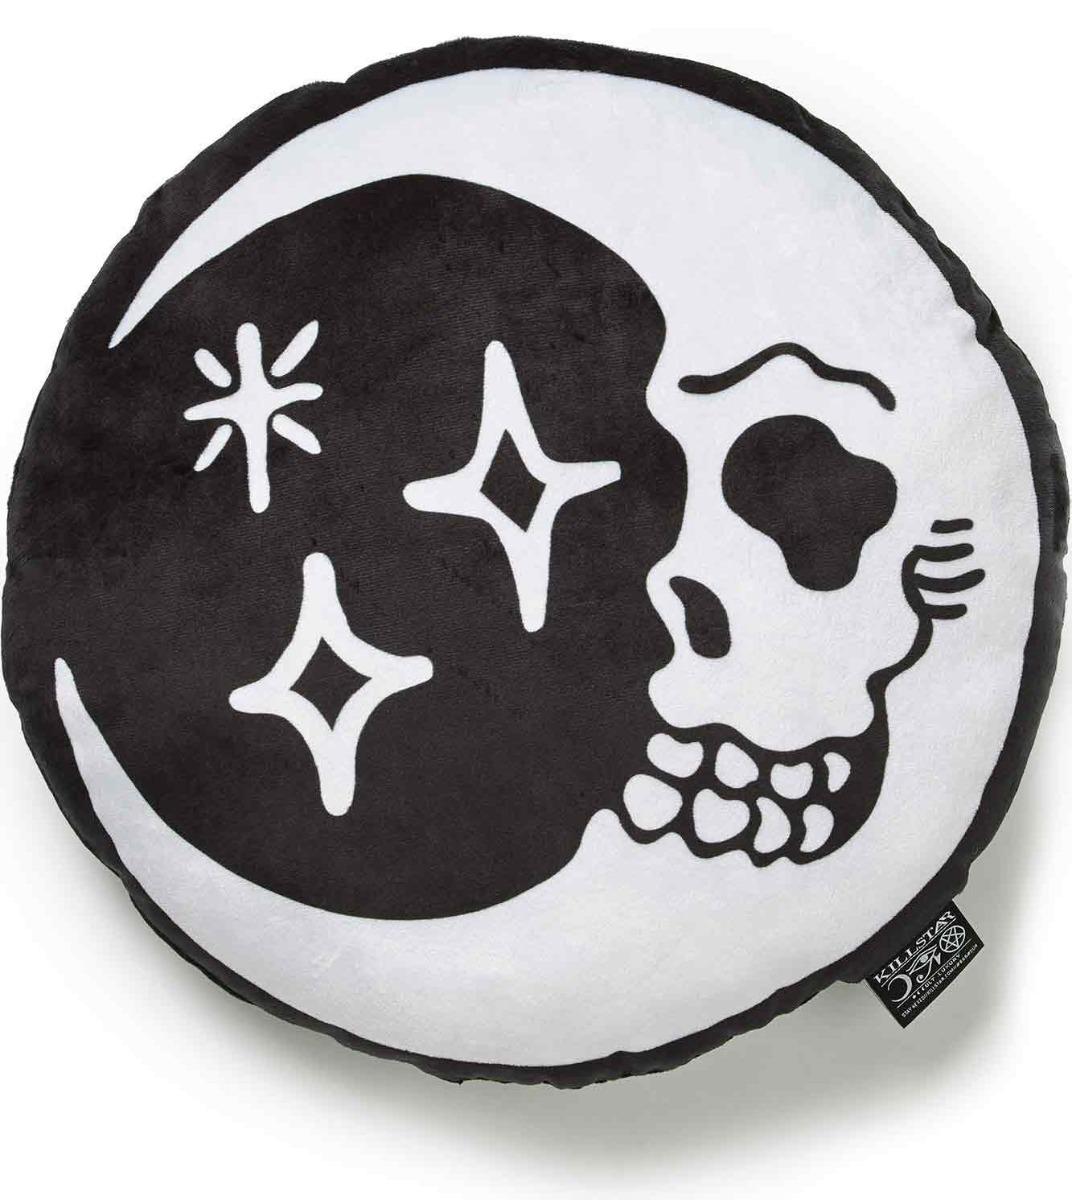 ks2816_coussin-peluche-gothique-rock-lune-moondaze